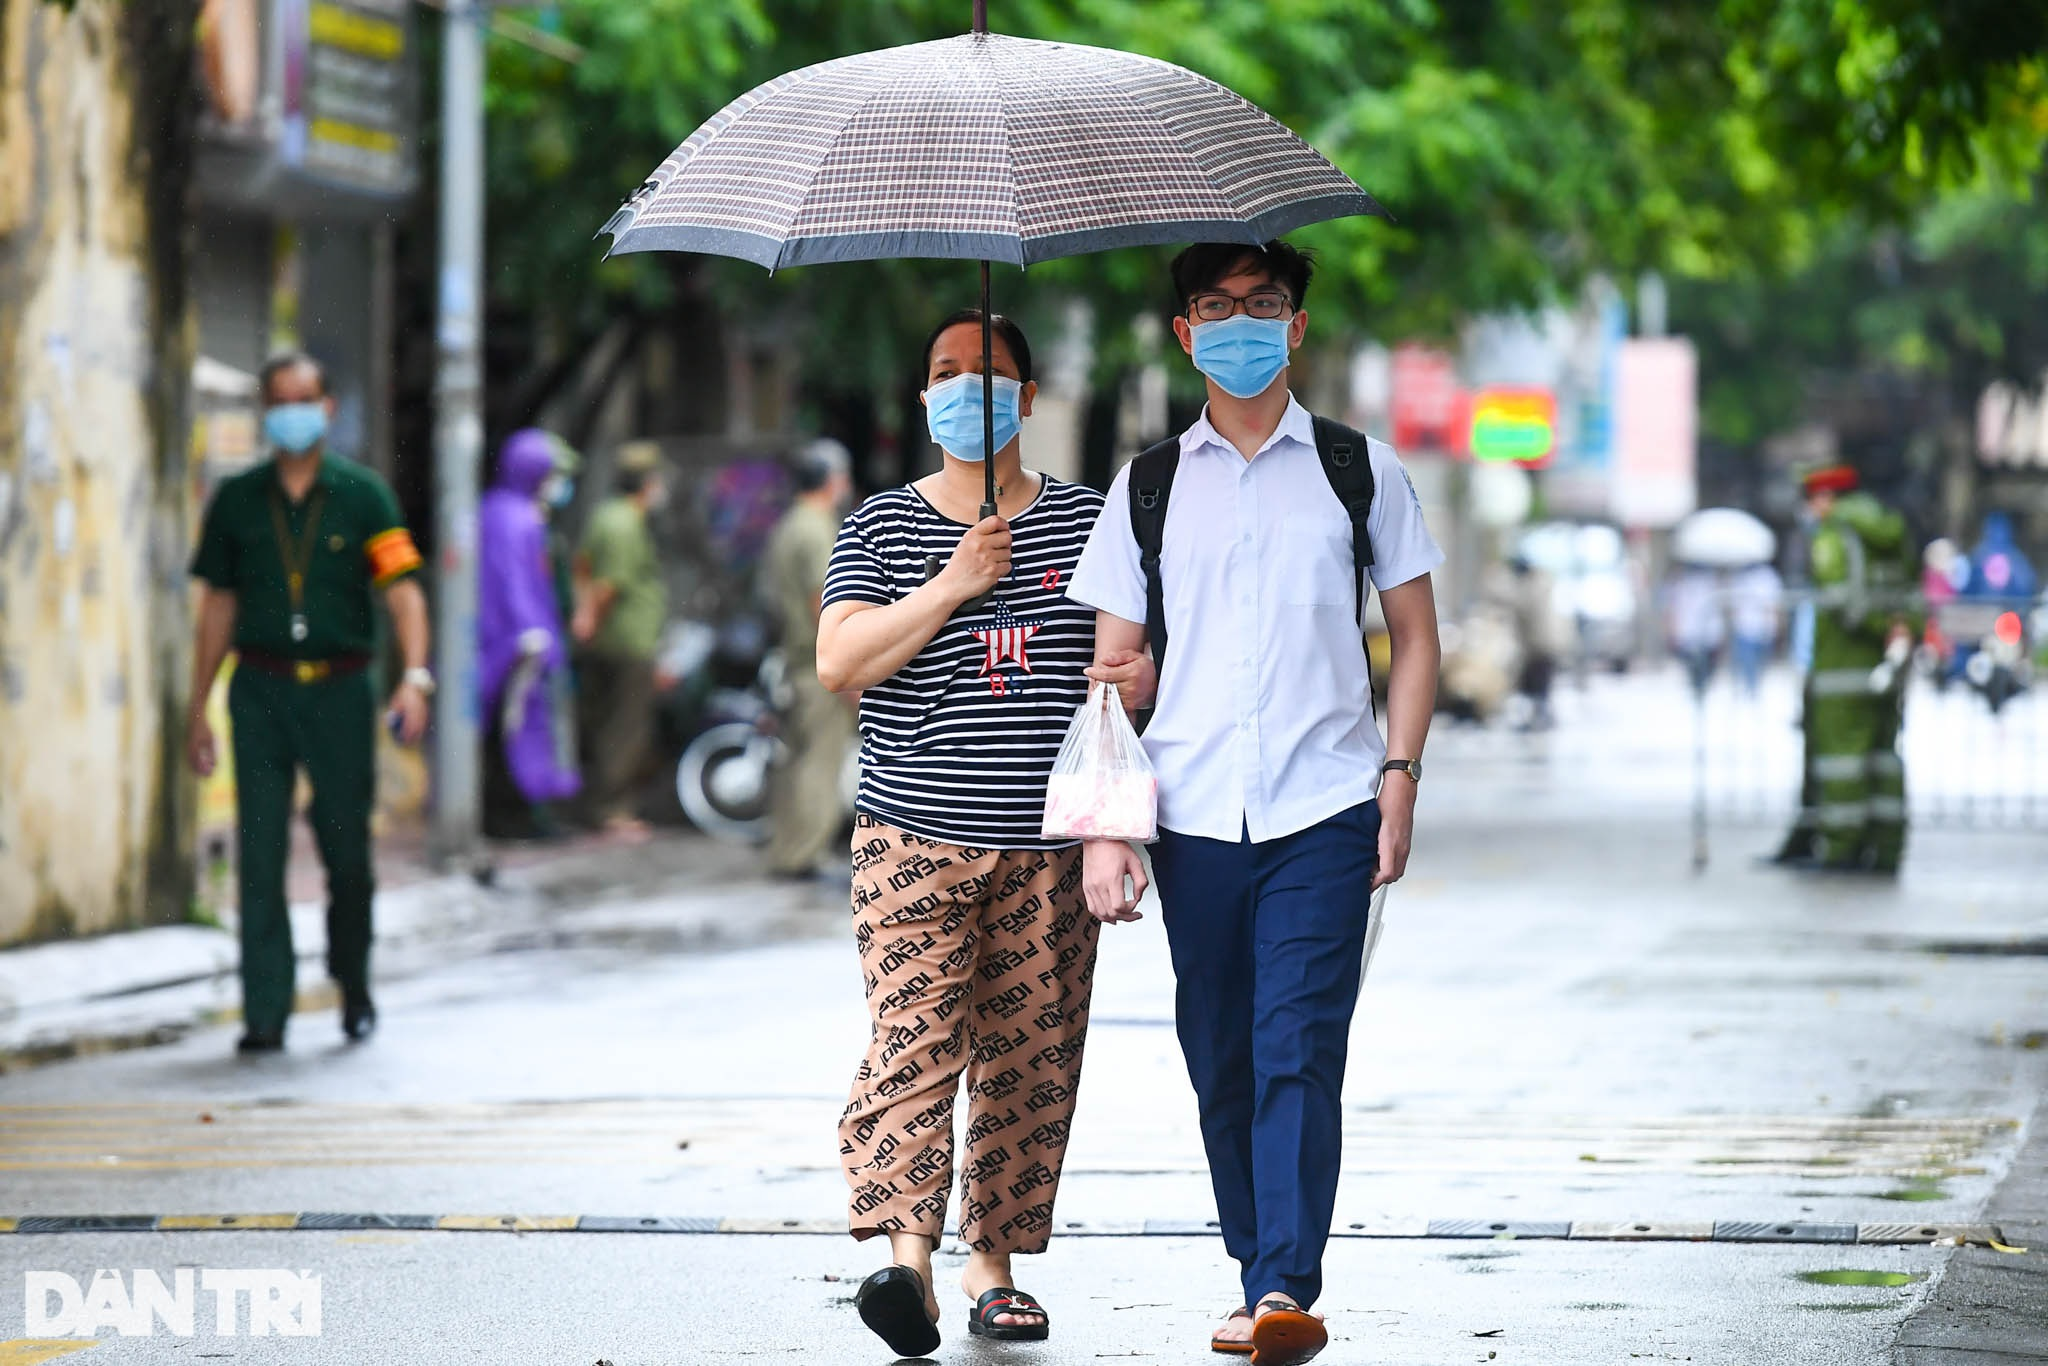 Điểm nhấn kỳ thi lớp 10 Hà Nội: Sĩ tử đội mưa và những cái ôm xúc động - 16